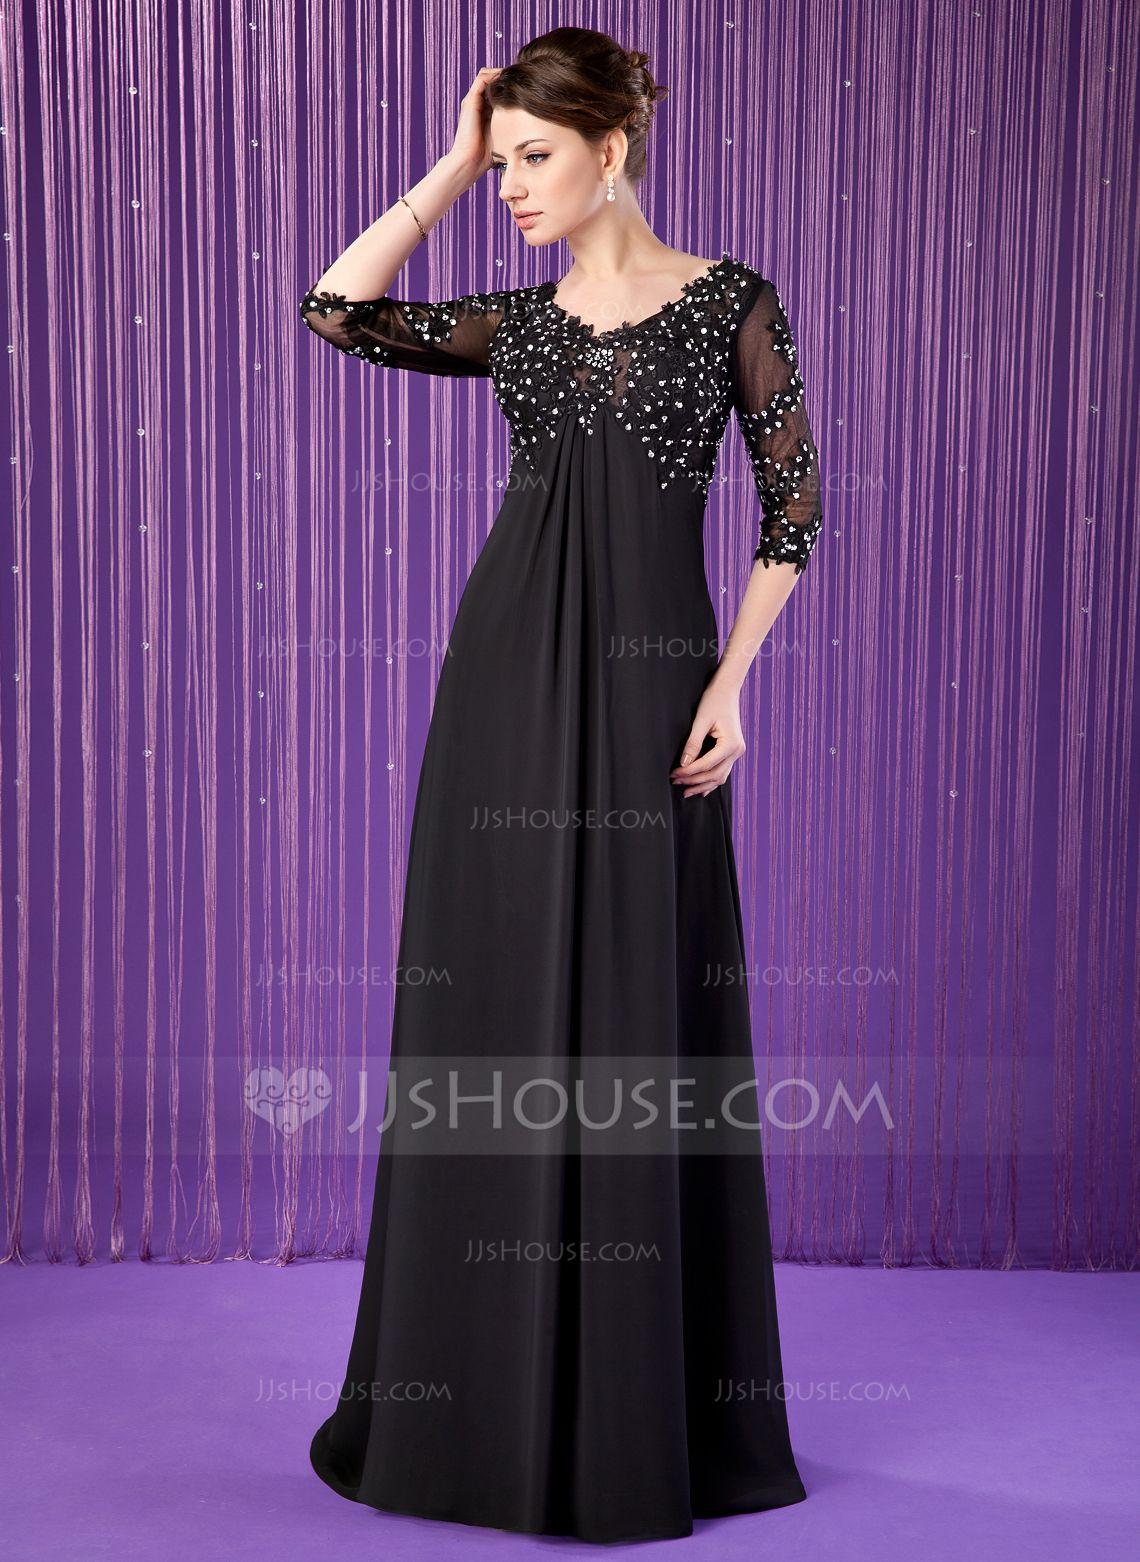 Increíble Decir Que Sí Al Vestido Damas De Honor Ver Online Fotos ...